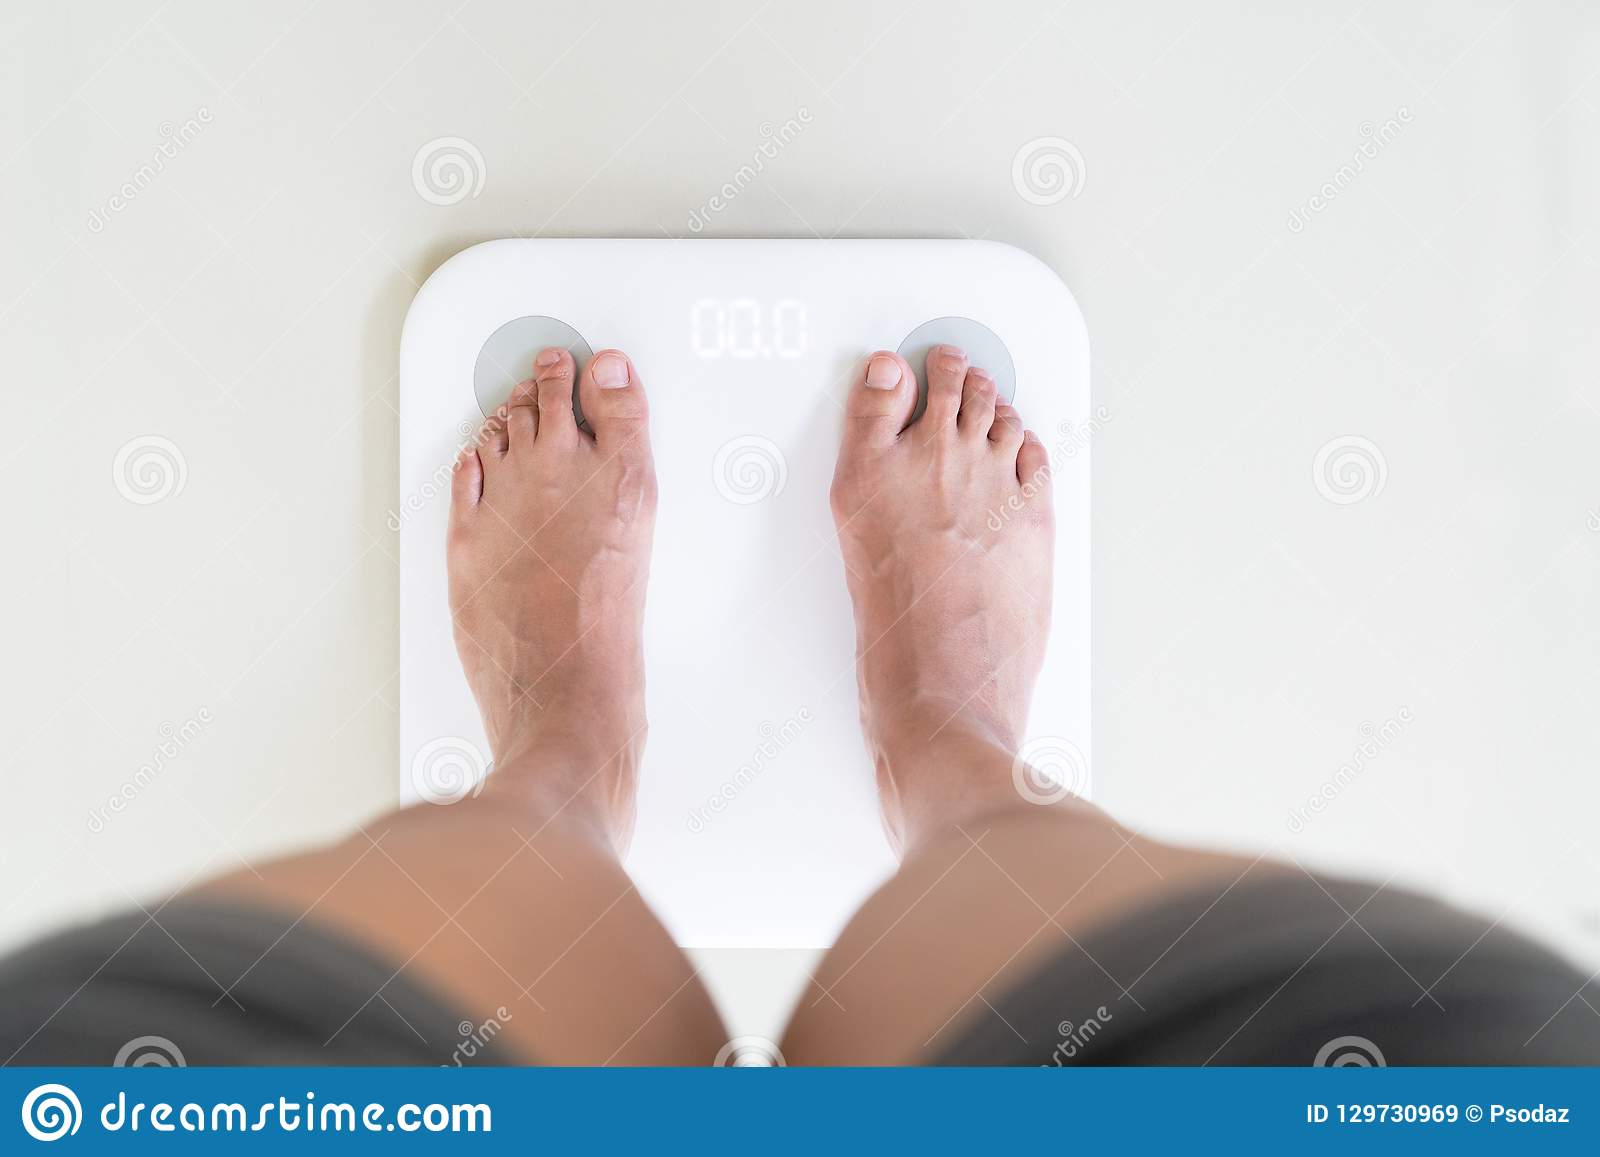 Stellung der jungen Frau auf digitaler Gewichtsskala